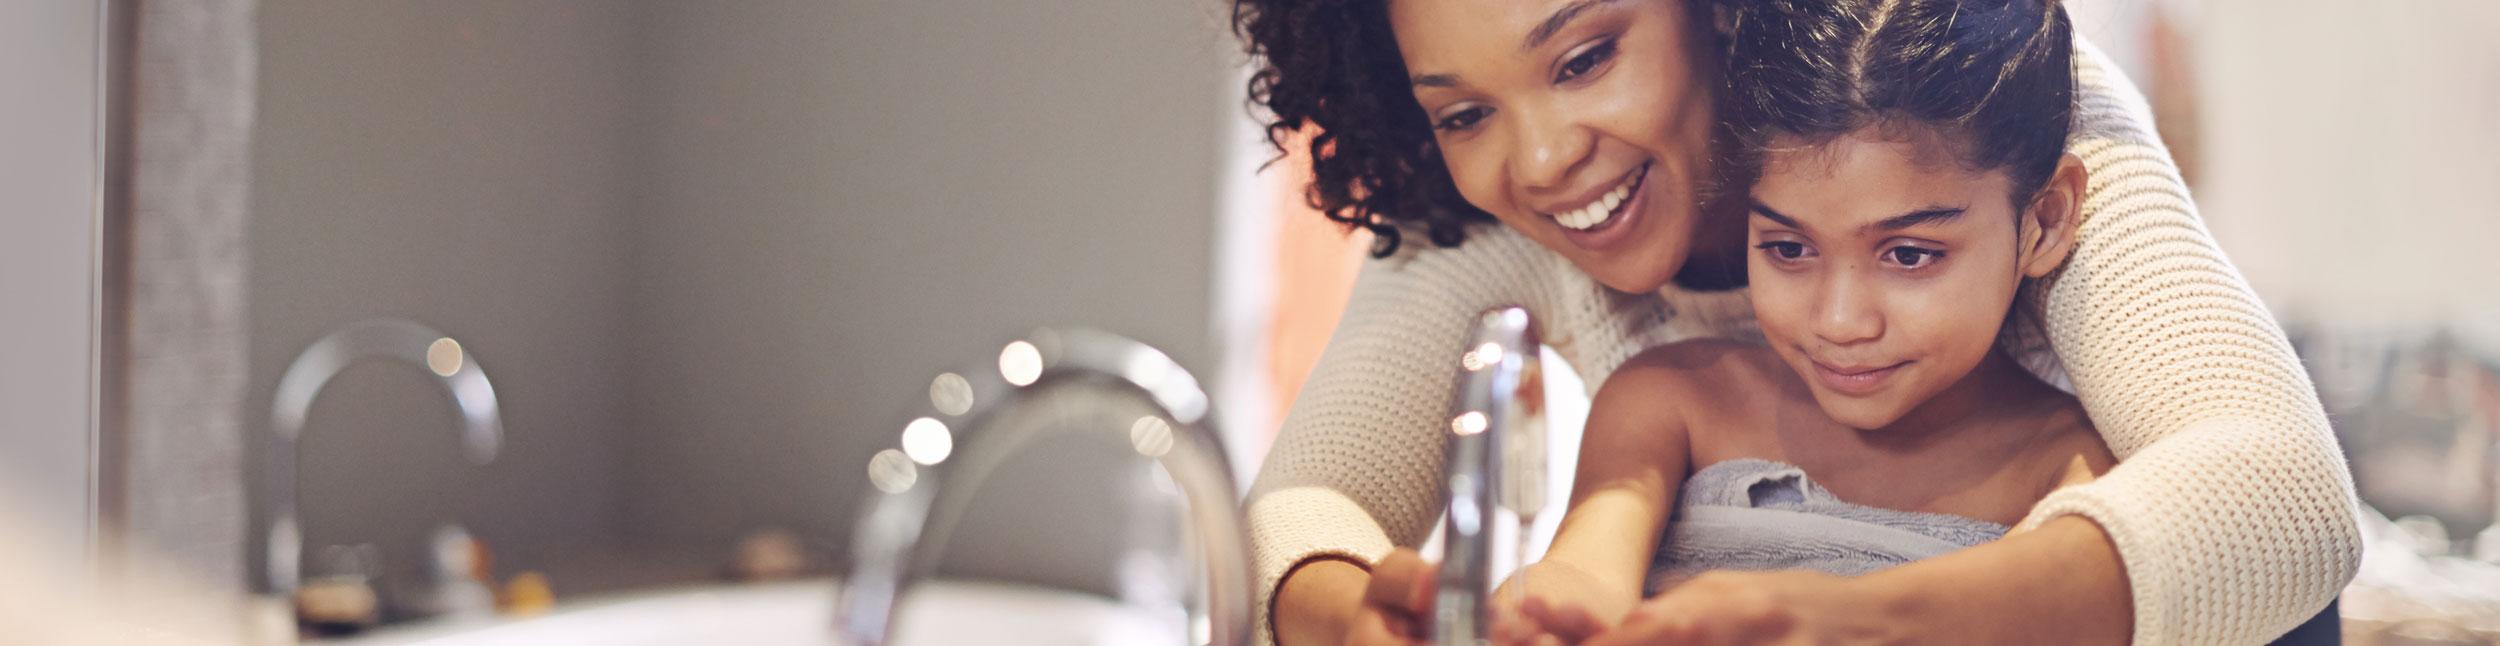 Mutter und kleine Tochter waschen sich die Hände in Ihrem schön sanierten Badezimmer.